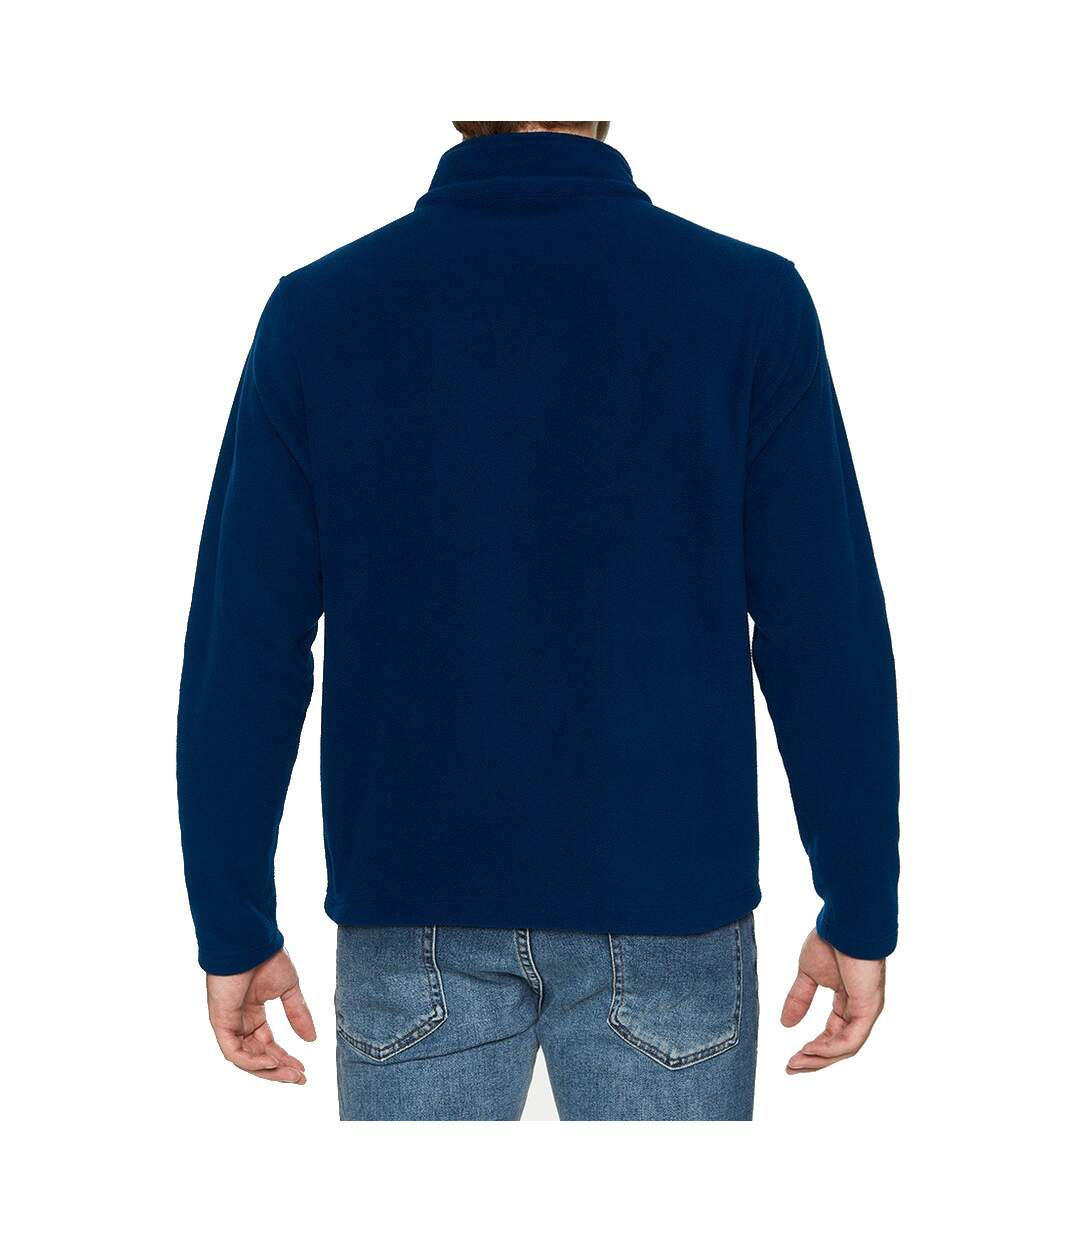 Gildan - Veste polaire HAMMER - Homme (Bleu marine) - UTPC3986